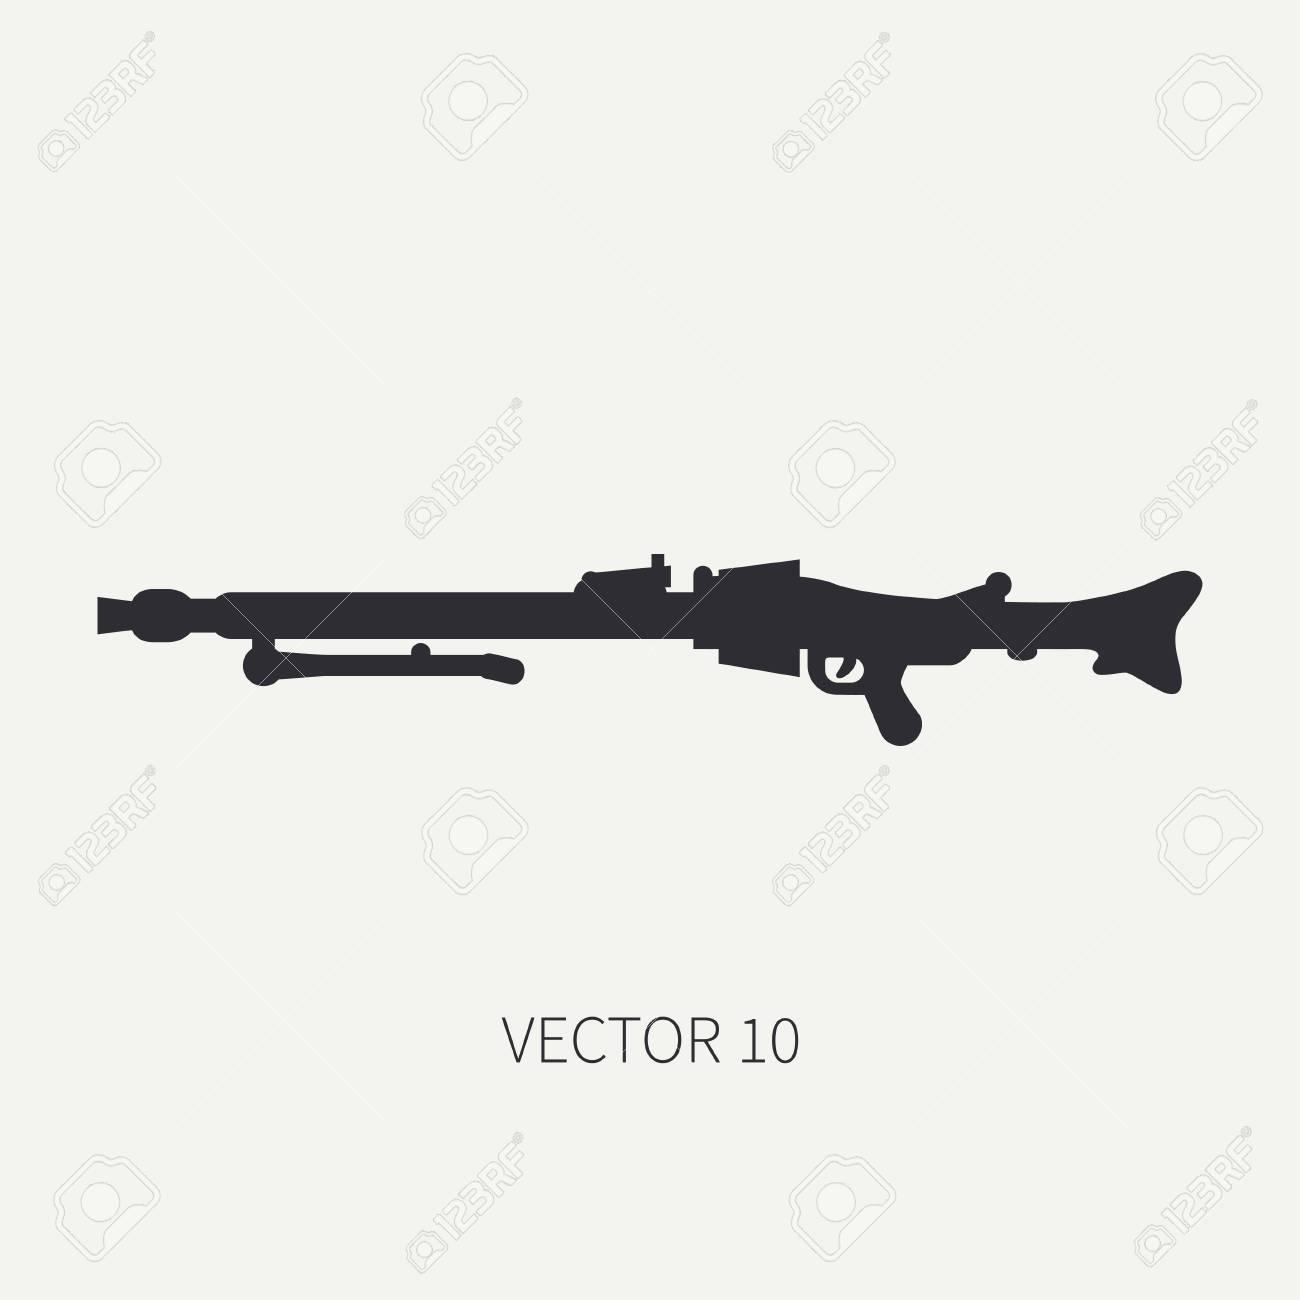 シルエット ライン フラット ベクトル軍アイコン 機関銃 軍装置